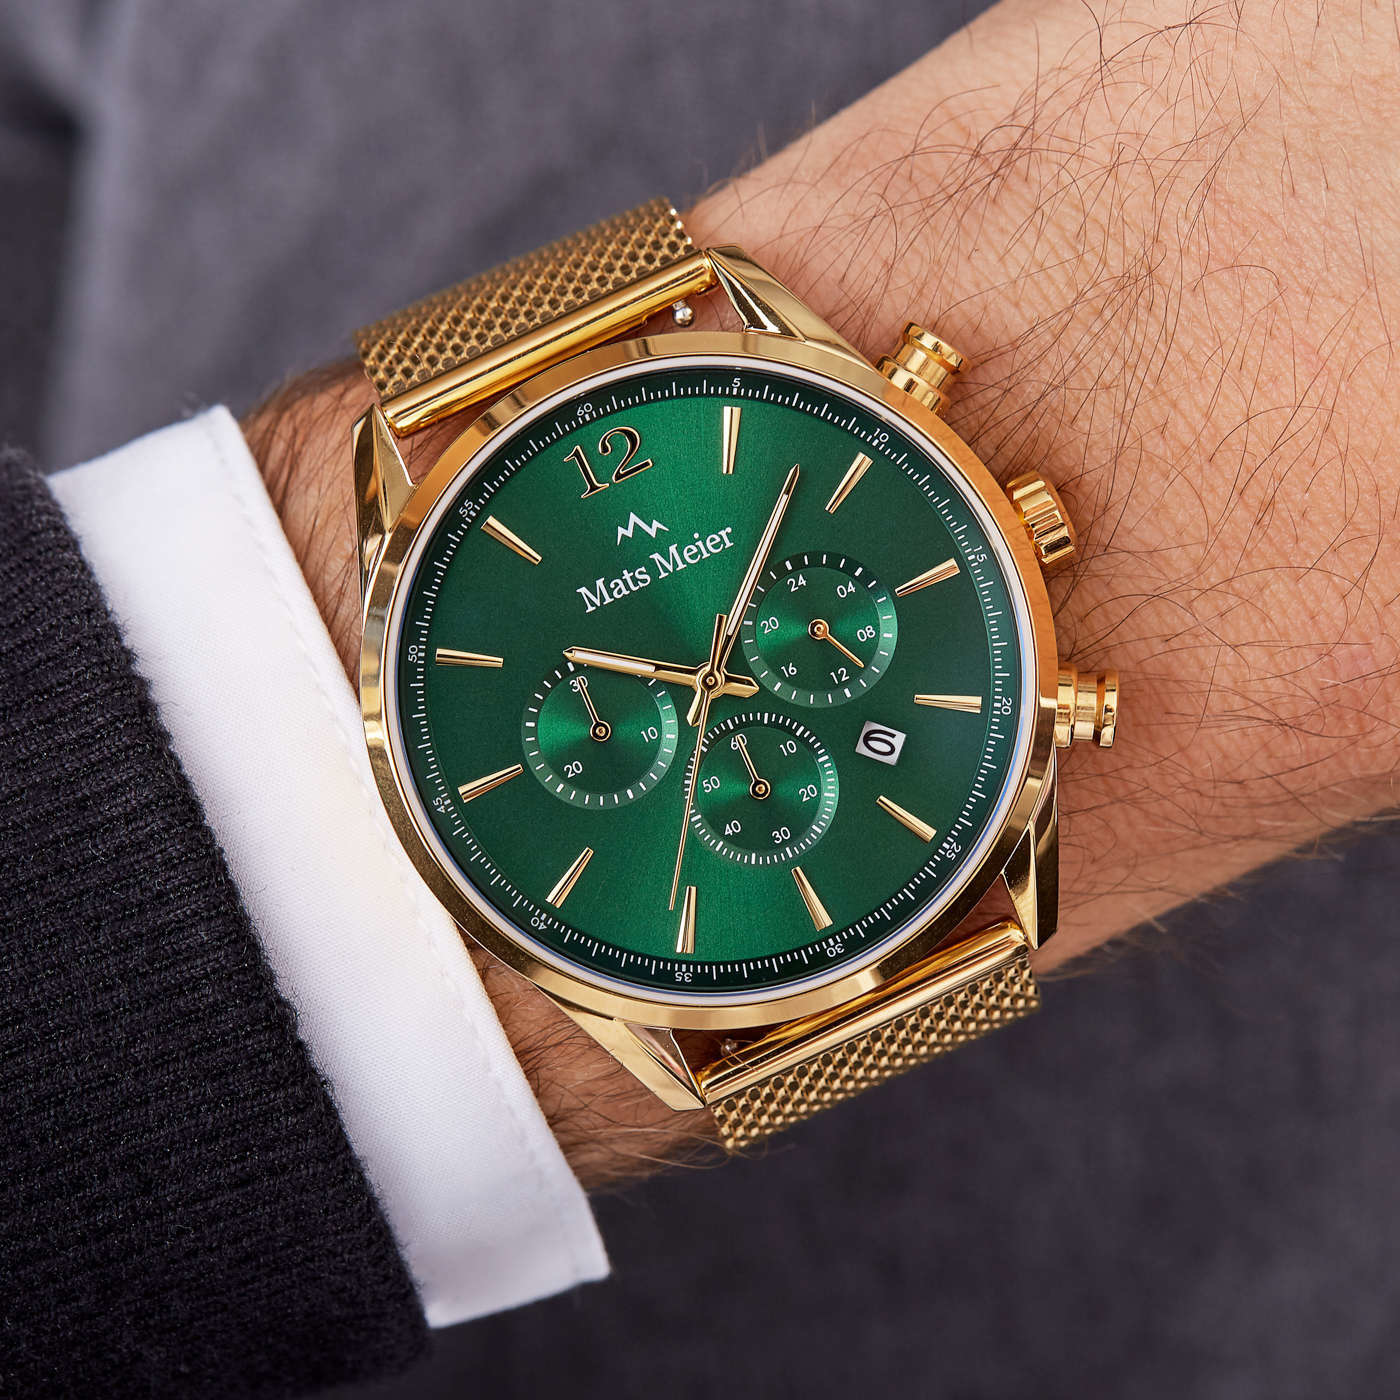 Mats Meier Grand Cornier chronograaf mesh herenhorloge goudkleurig en groen